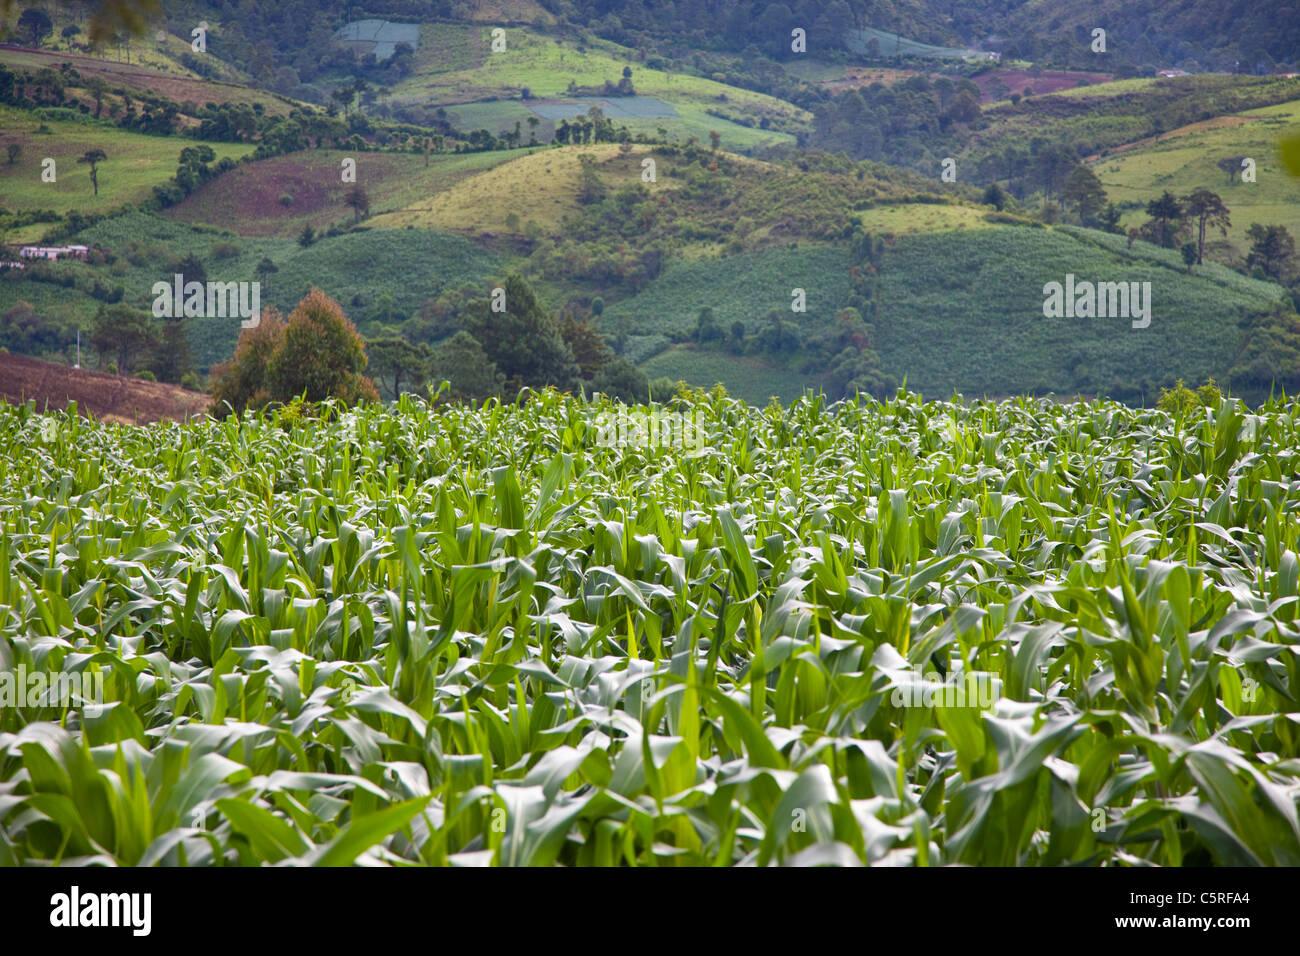 Corn in front of Honduras hills, Canton Las Pilas, San Ignacio, Chaltenango Department, El Salvador - Stock Image